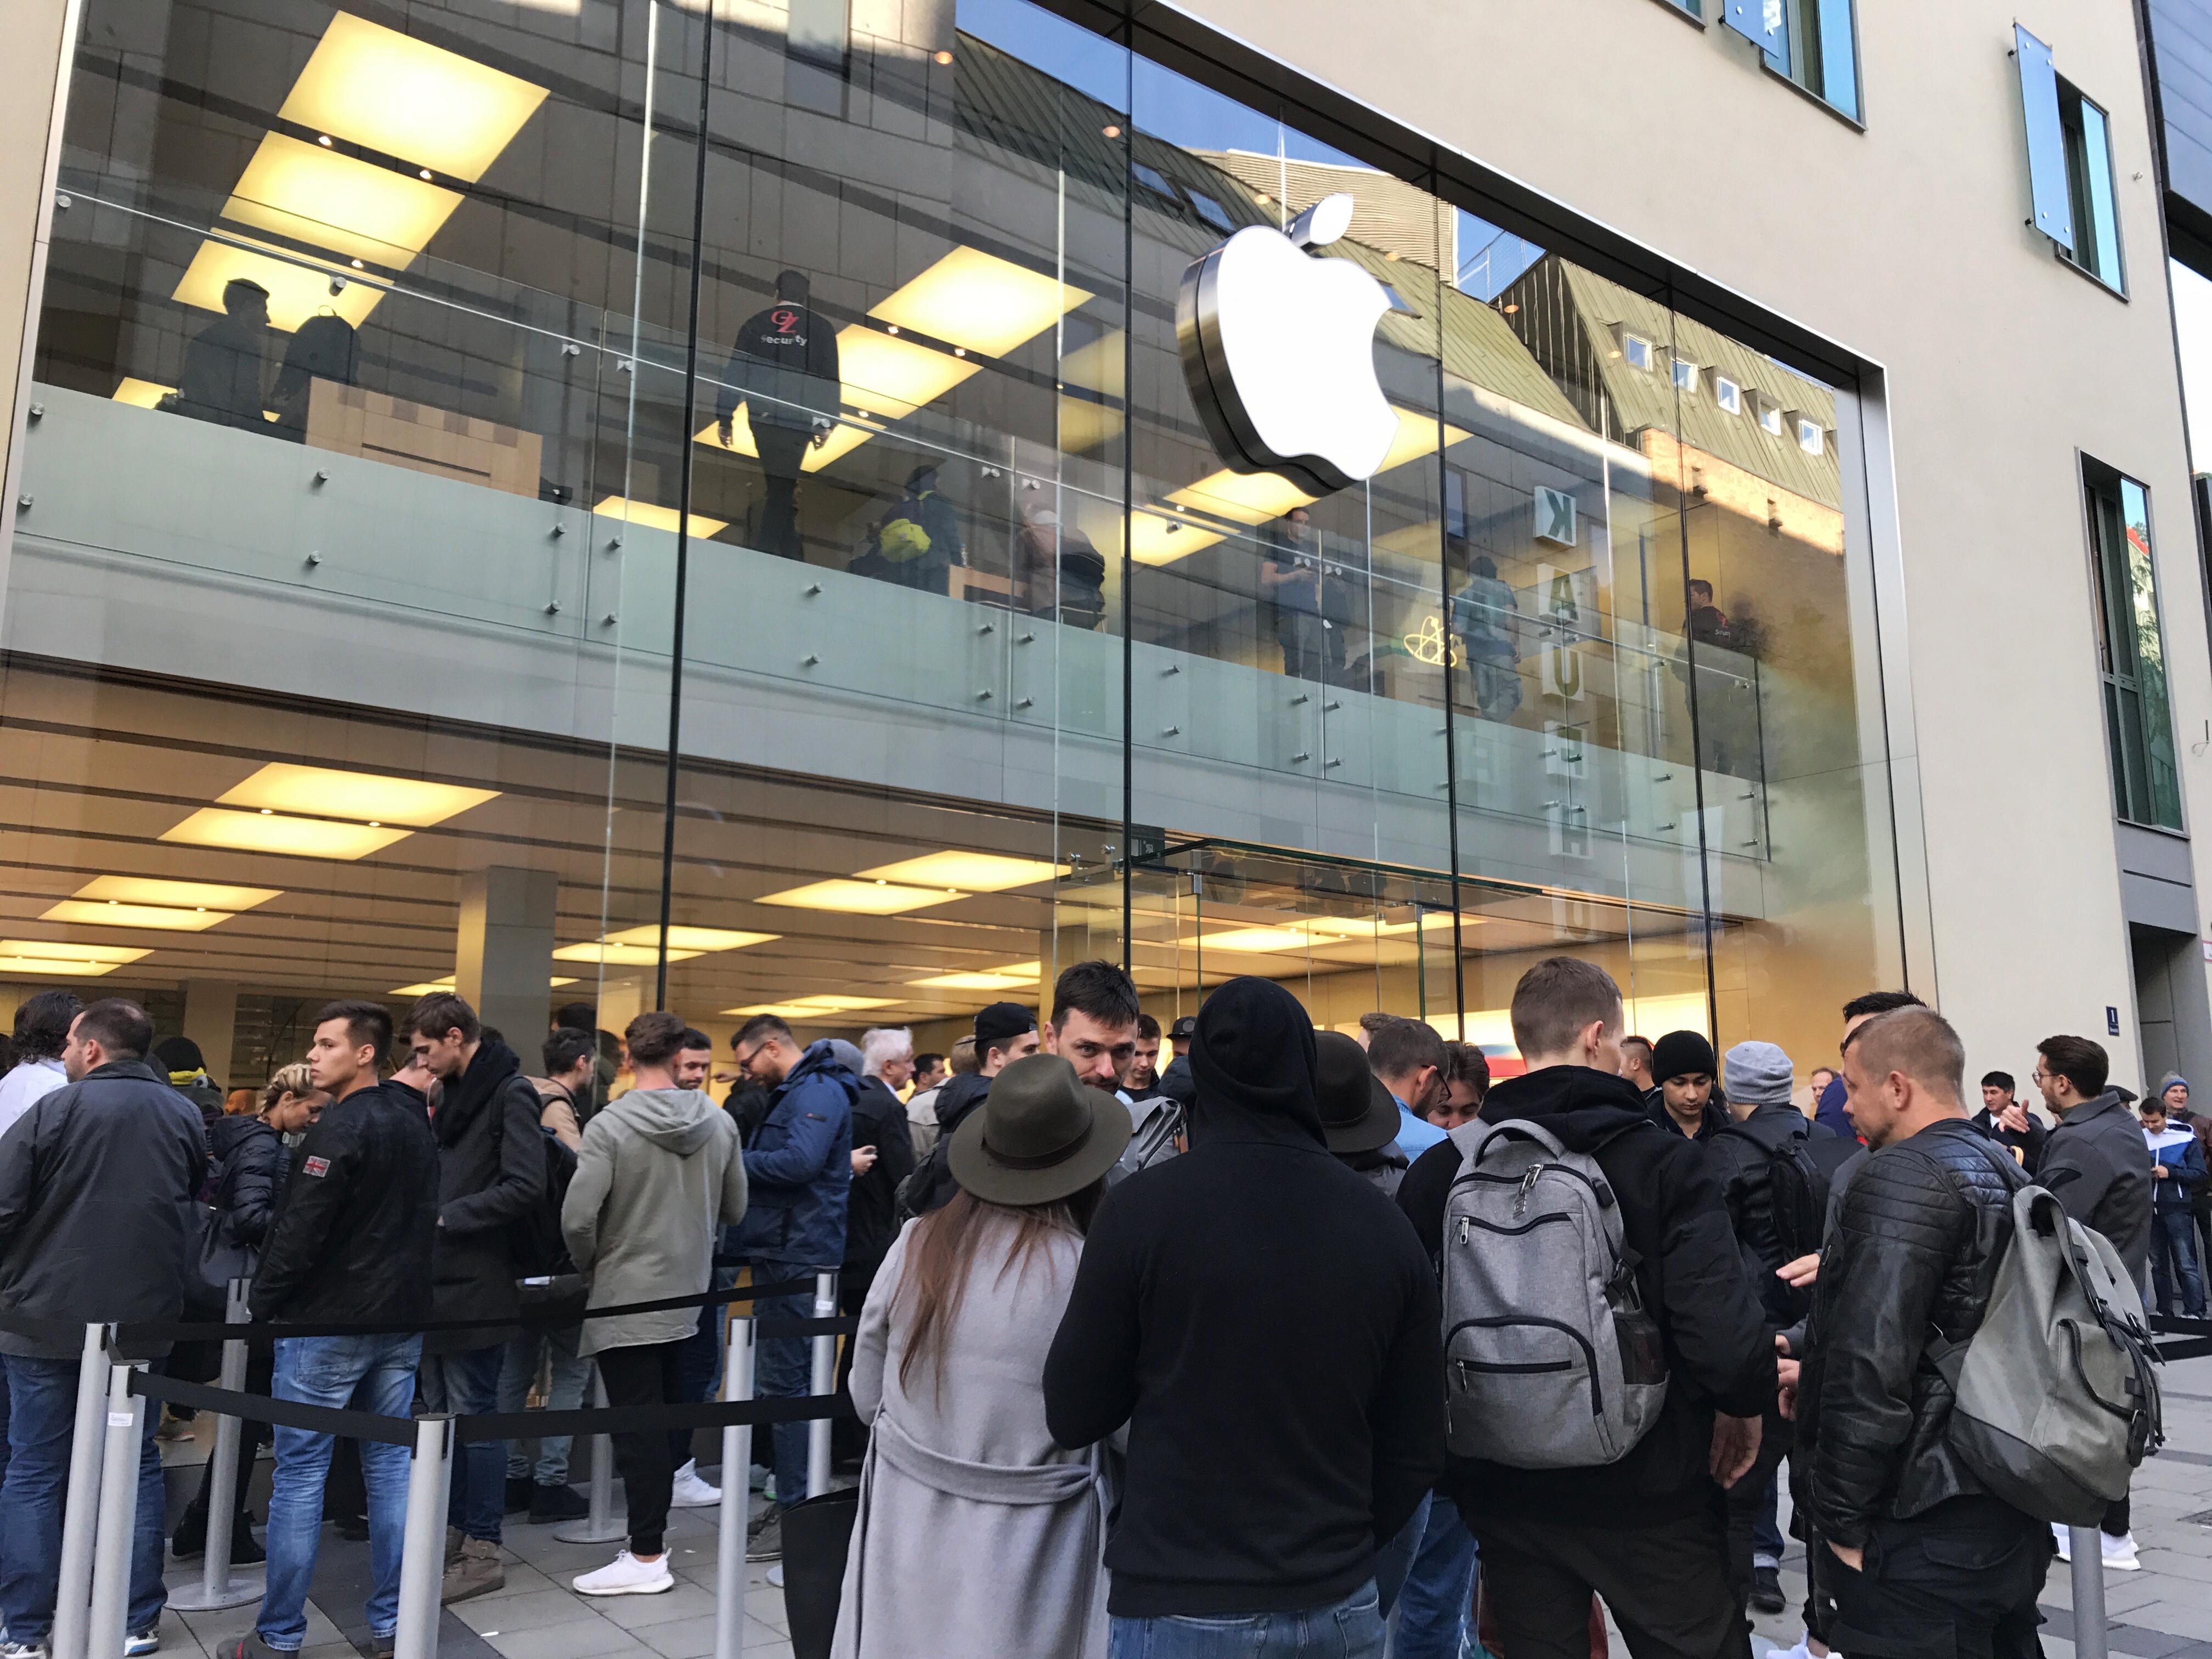 iPhone 8: Verkaufsstart in München - Kunde mit überraschender Aussage